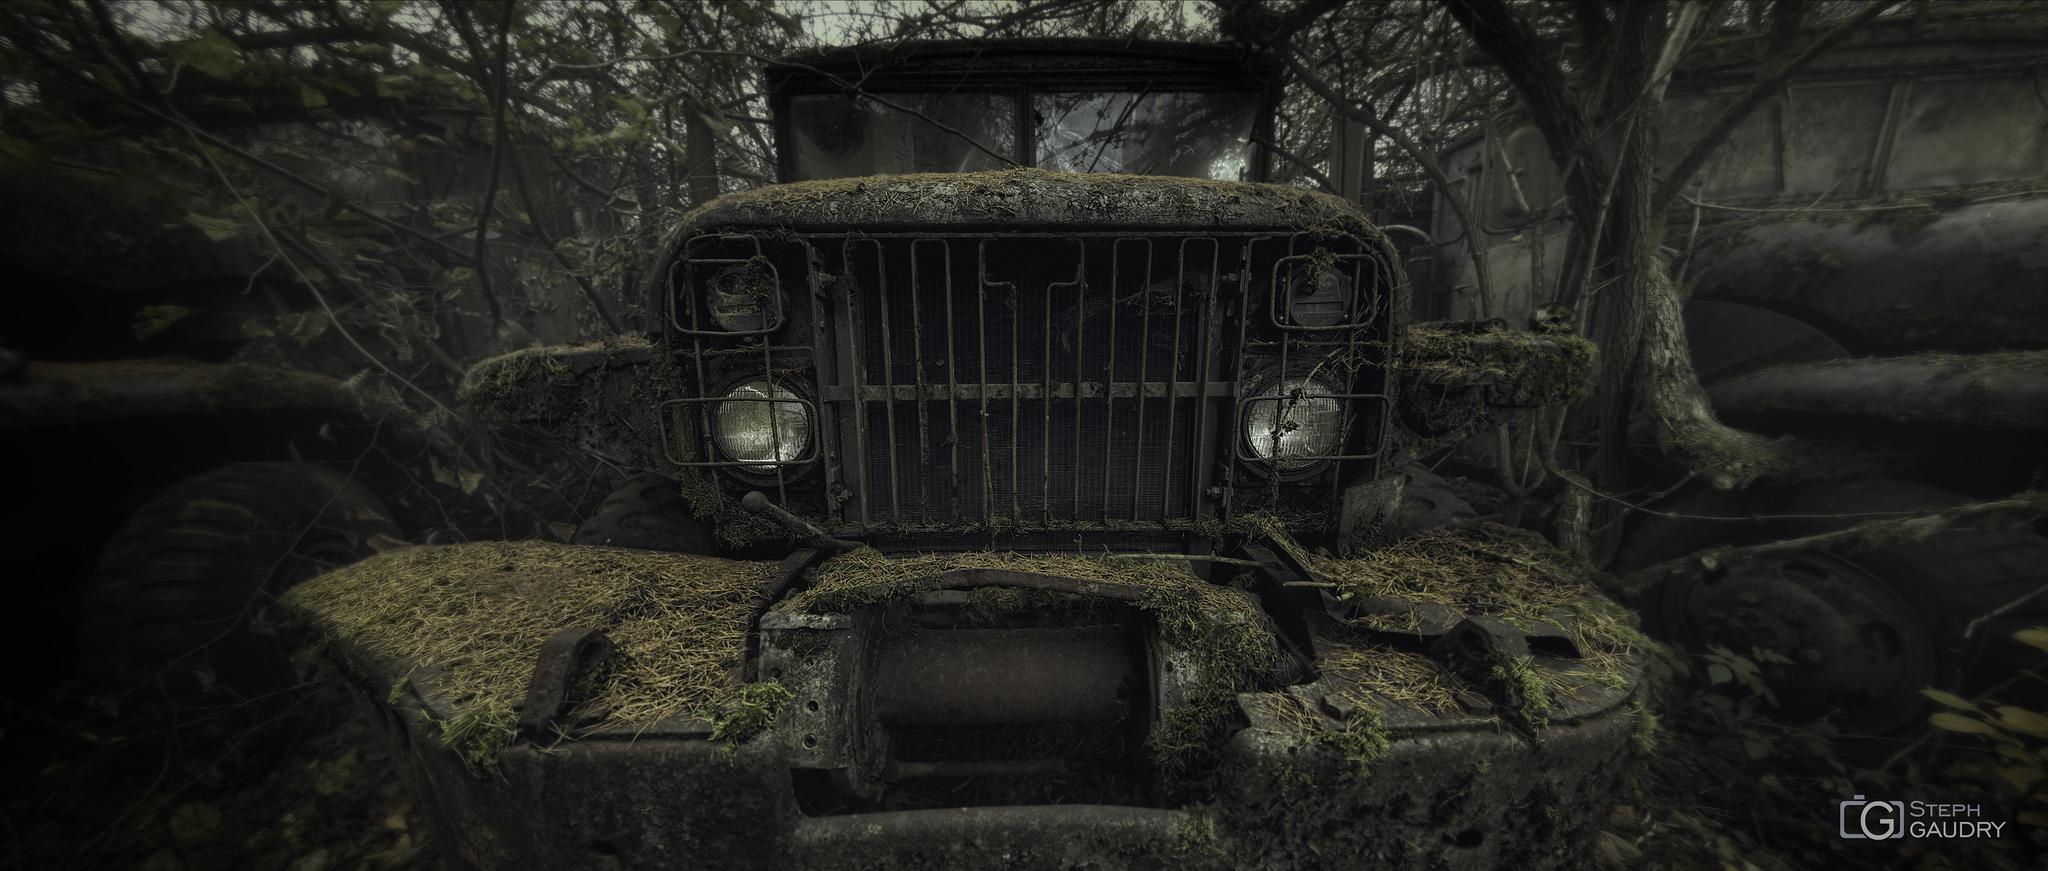 Monster truck [Cliquez pour lancer le diaporama]